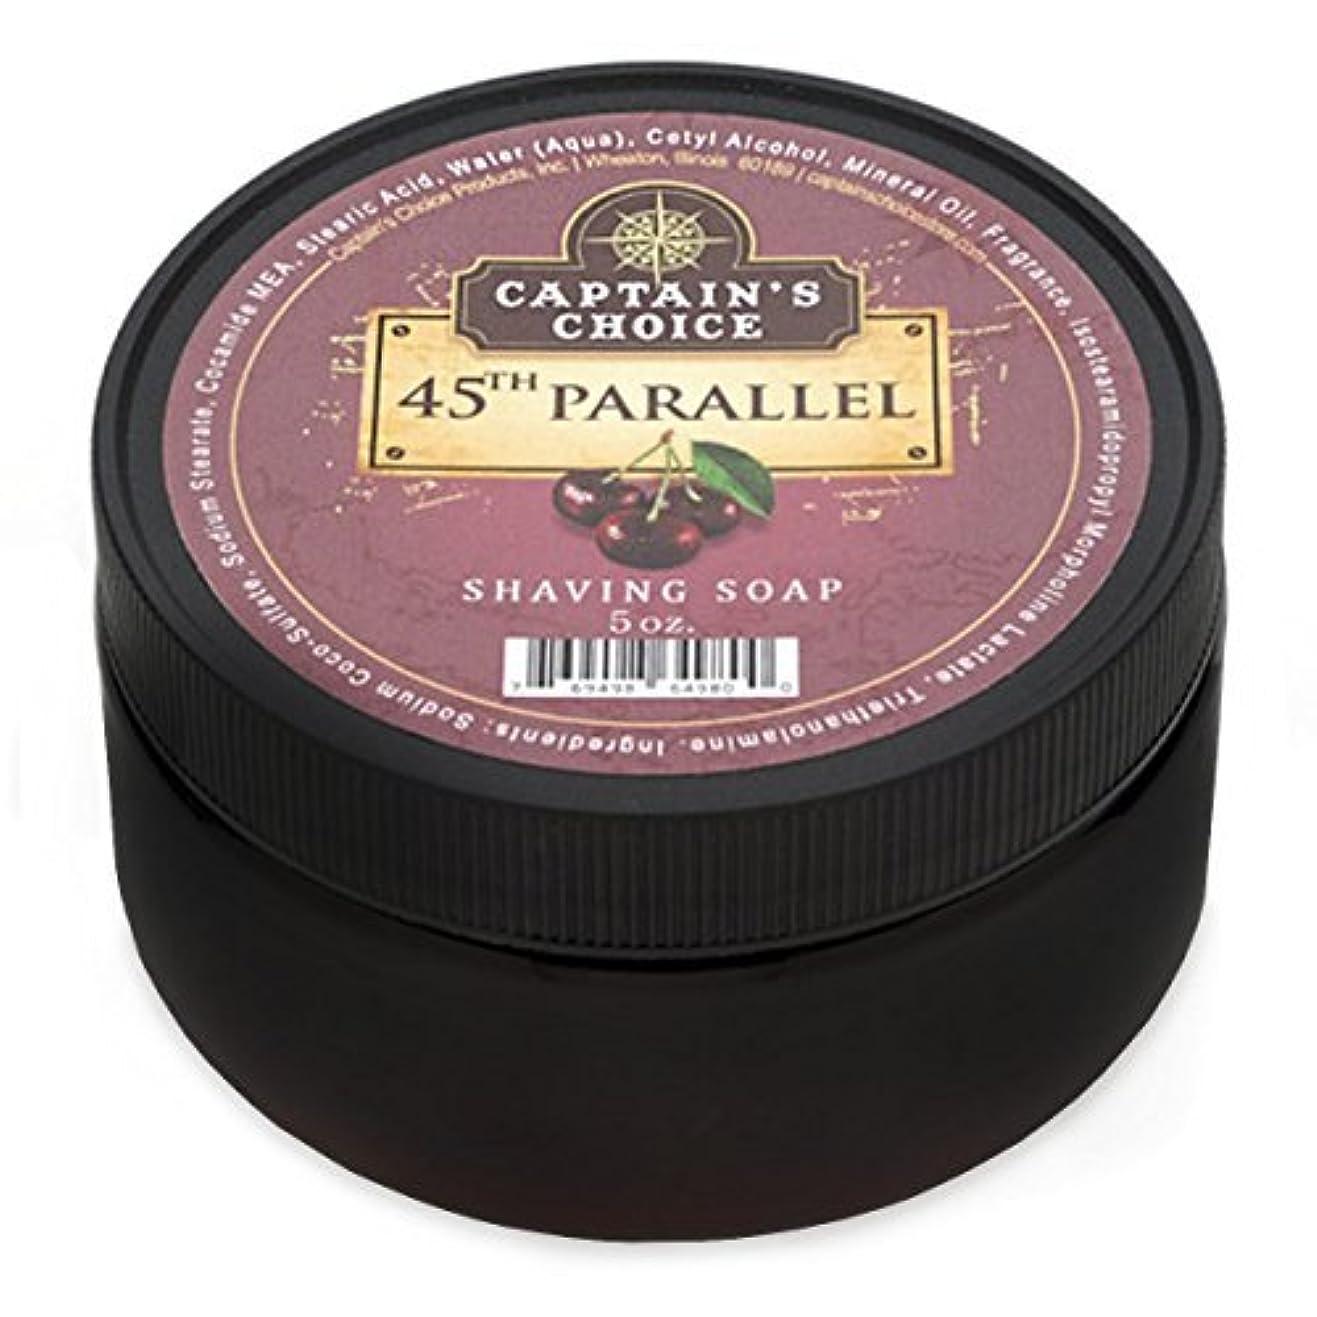 個人信頼性意志Captain's Choice 45th Parallel Shaving Soap 4oz [並行輸入品]